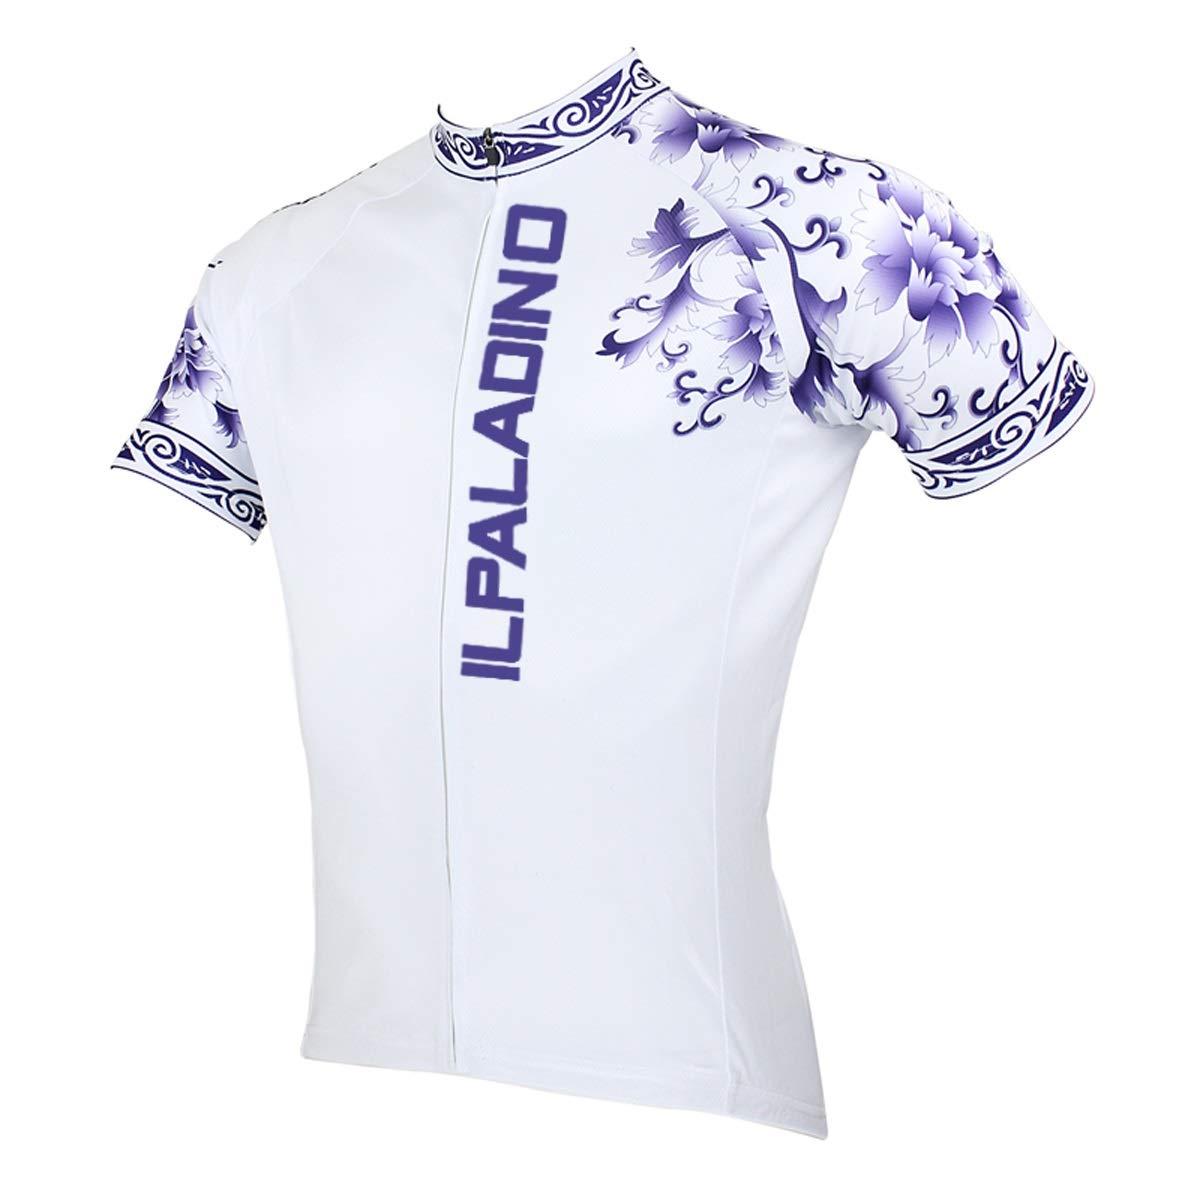 Fahrrad Reitanzug Mountainbike Bekleidung Rennrad Radfahren Sportbekleidung Leichte Quick Dry Bike Jersey Fahrradtrikot LPLHJD